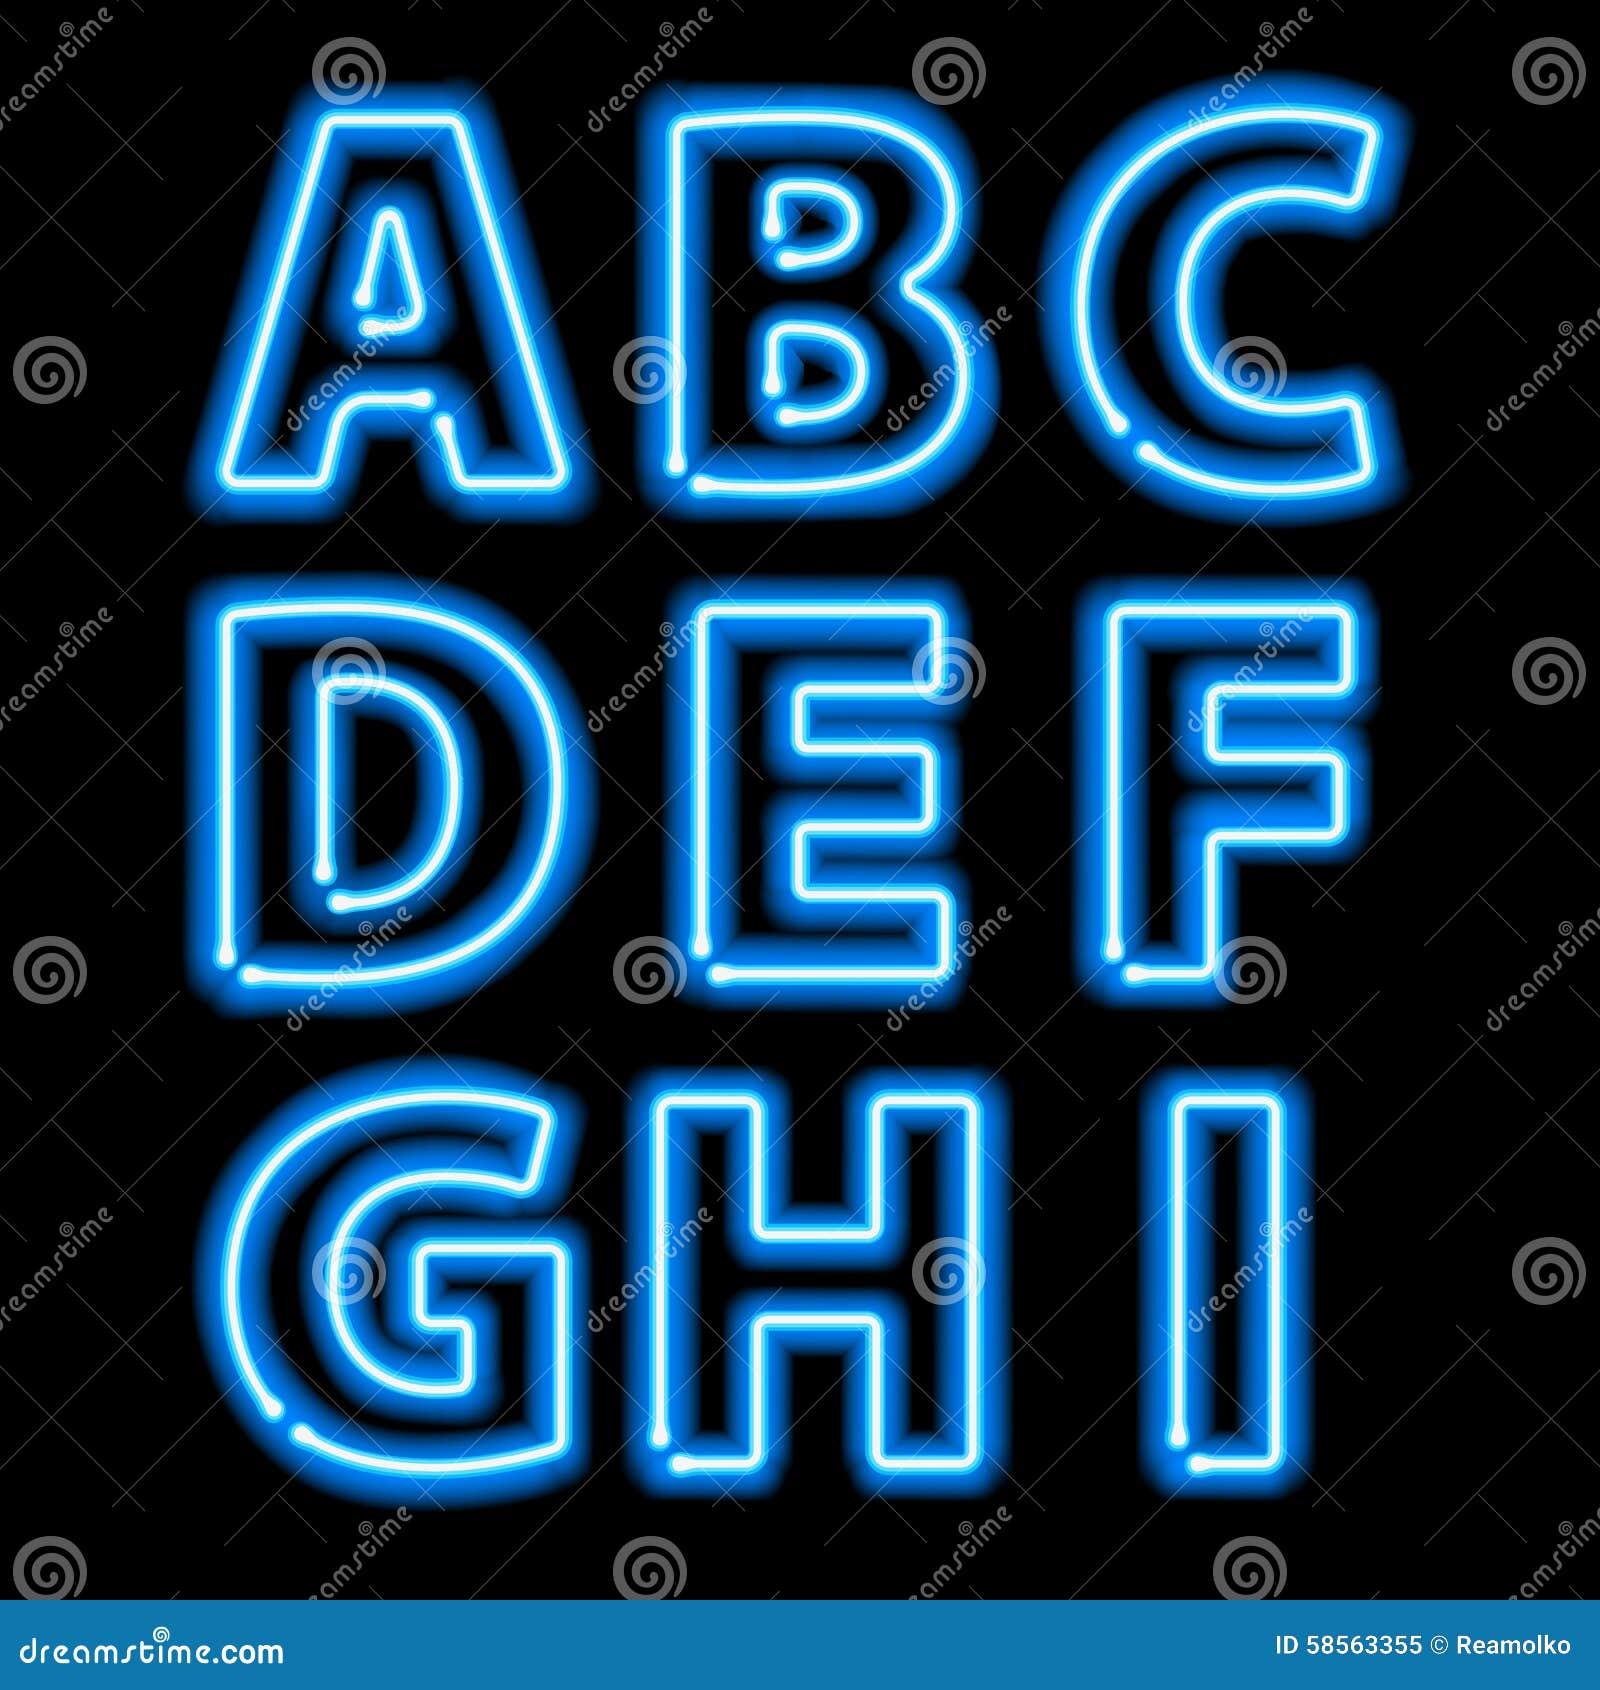 neon blue letters bing images. Black Bedroom Furniture Sets. Home Design Ideas